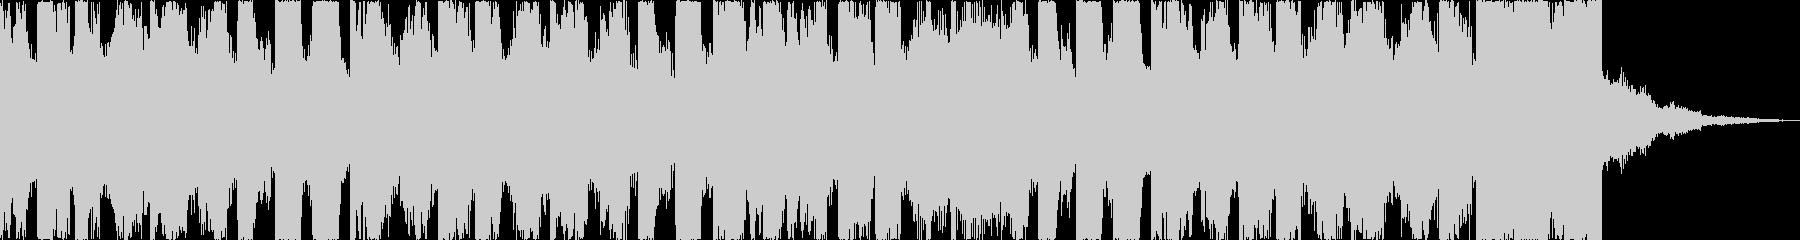 チルアウト幻想的なトロピカルハウスdの未再生の波形